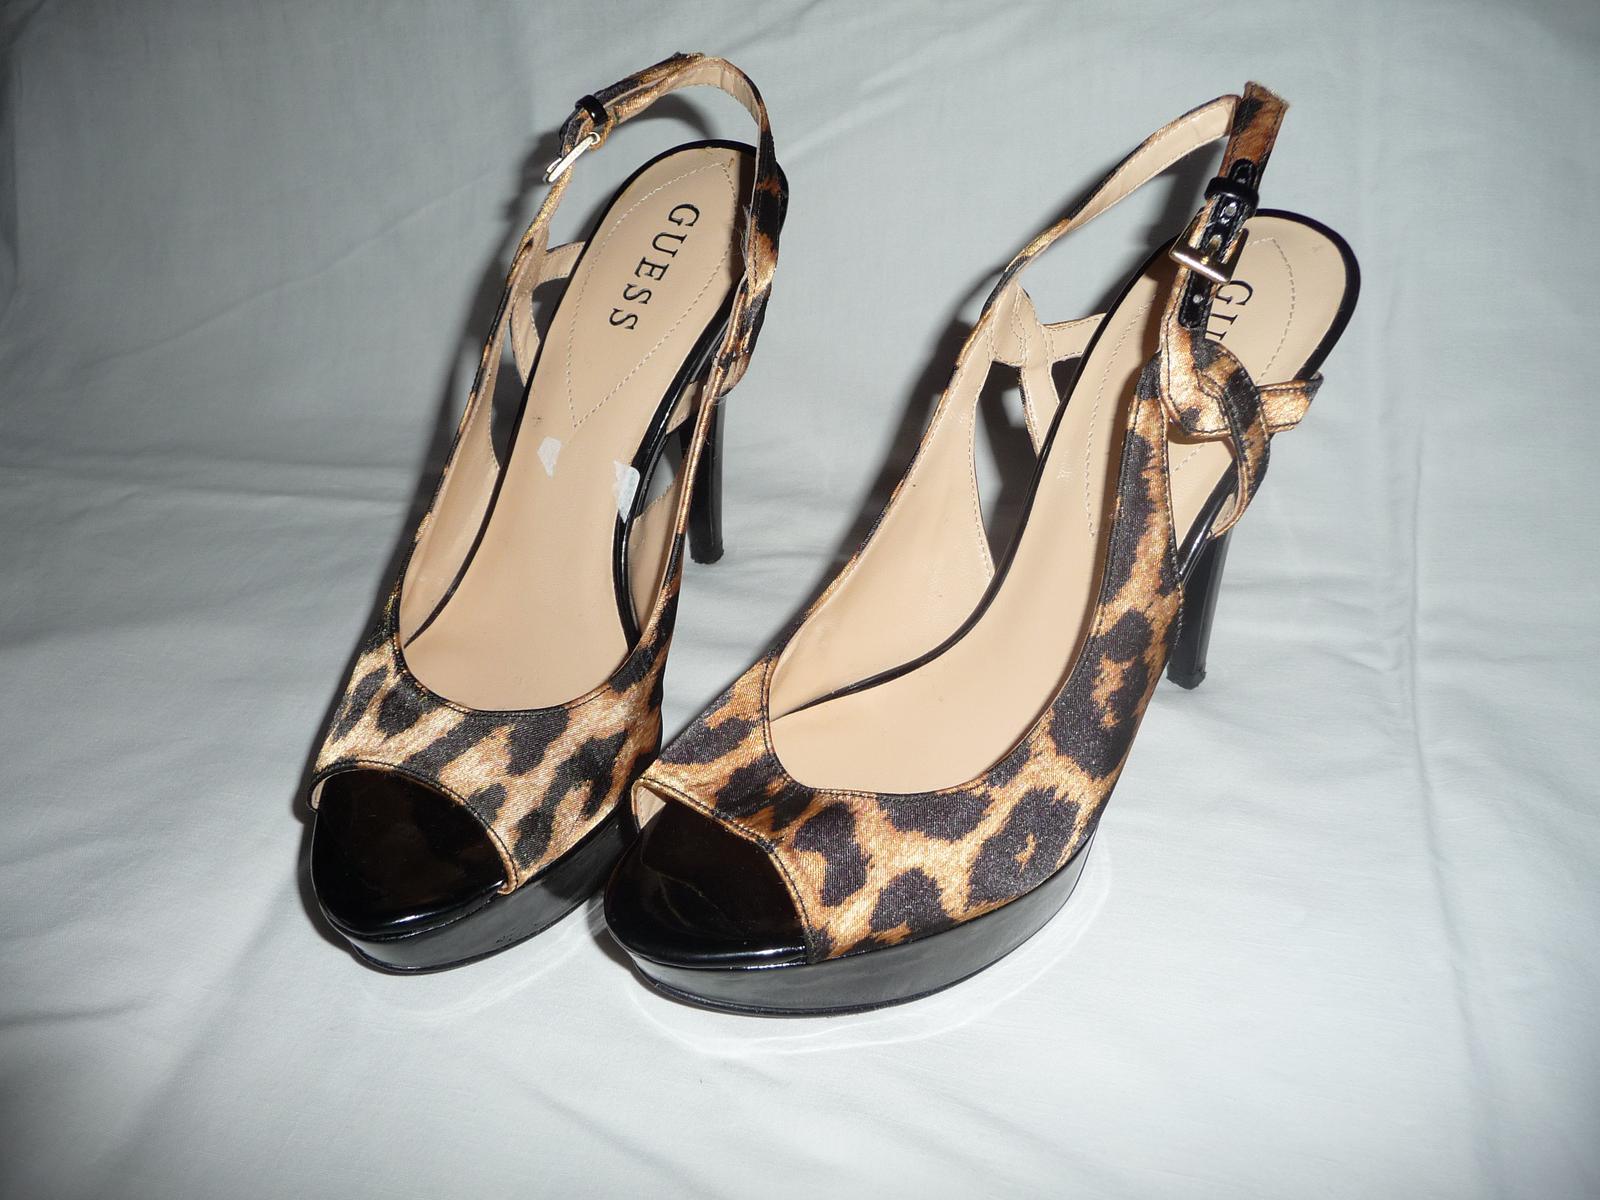 542966a26 Guess topánky nenosené, 38 - 27 € | Svadobný bazár | Mojasvadba.sk